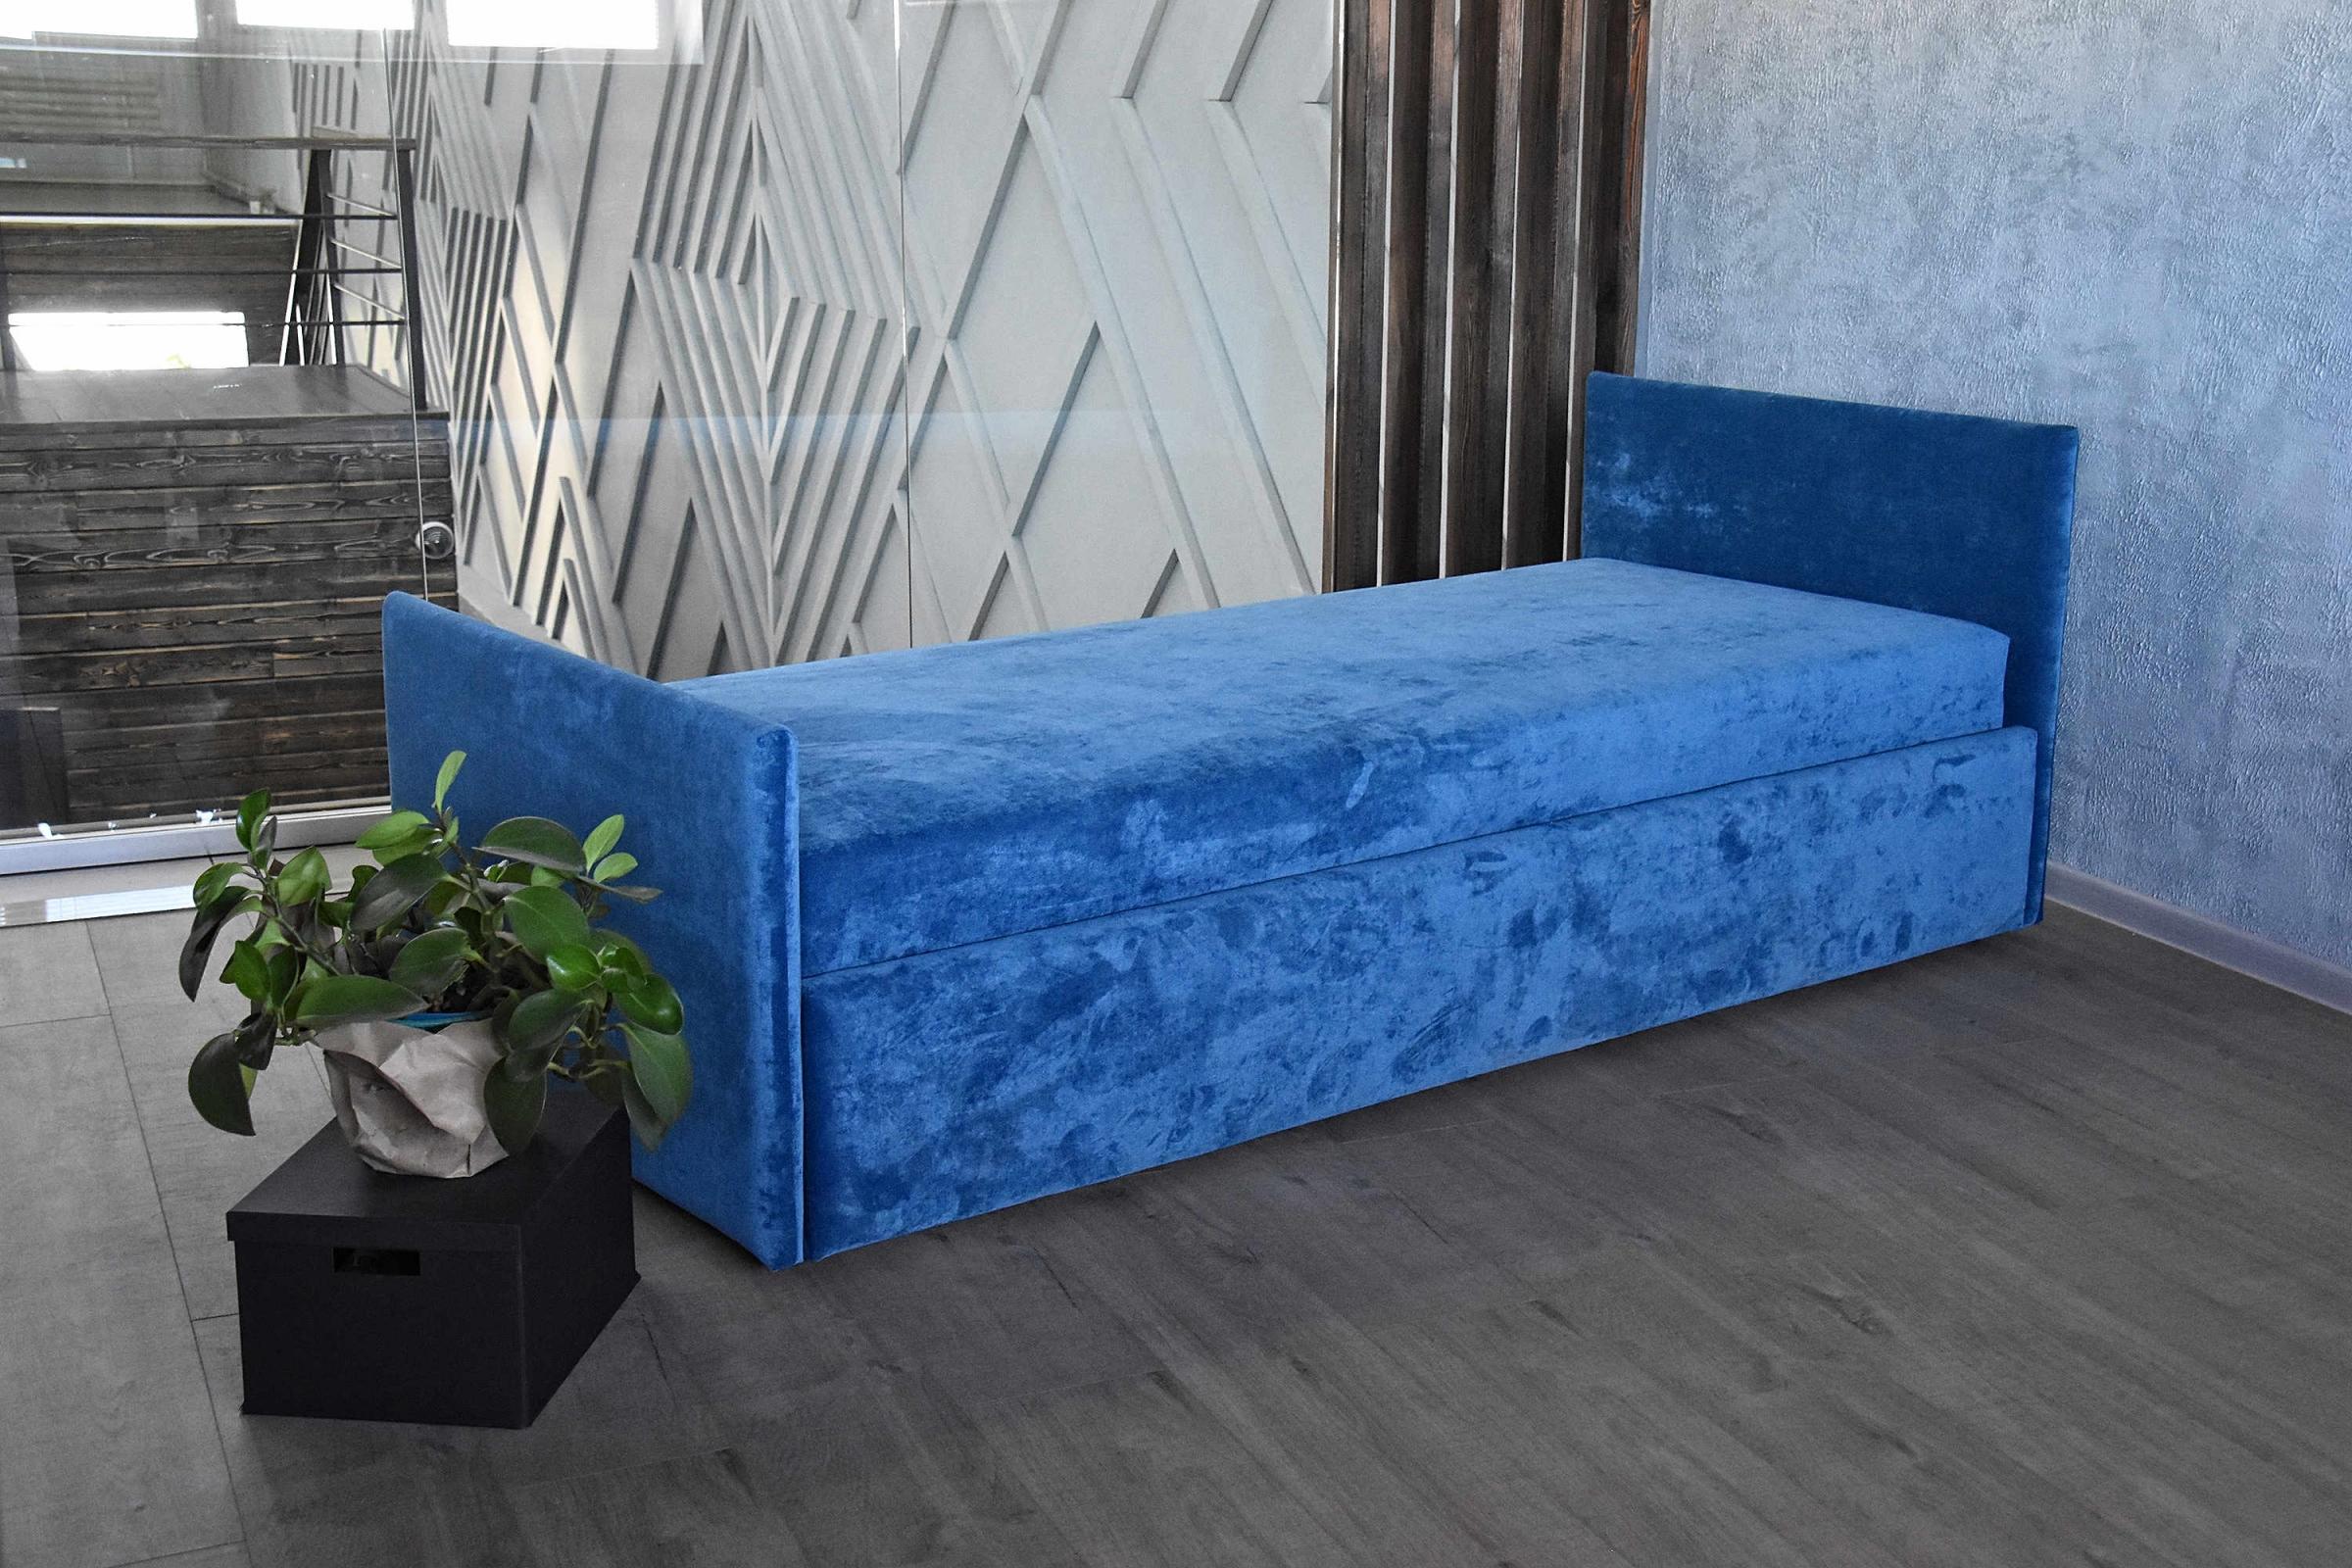 Klюkva кровать 2 с высокой и низкой боковиной (база 2)